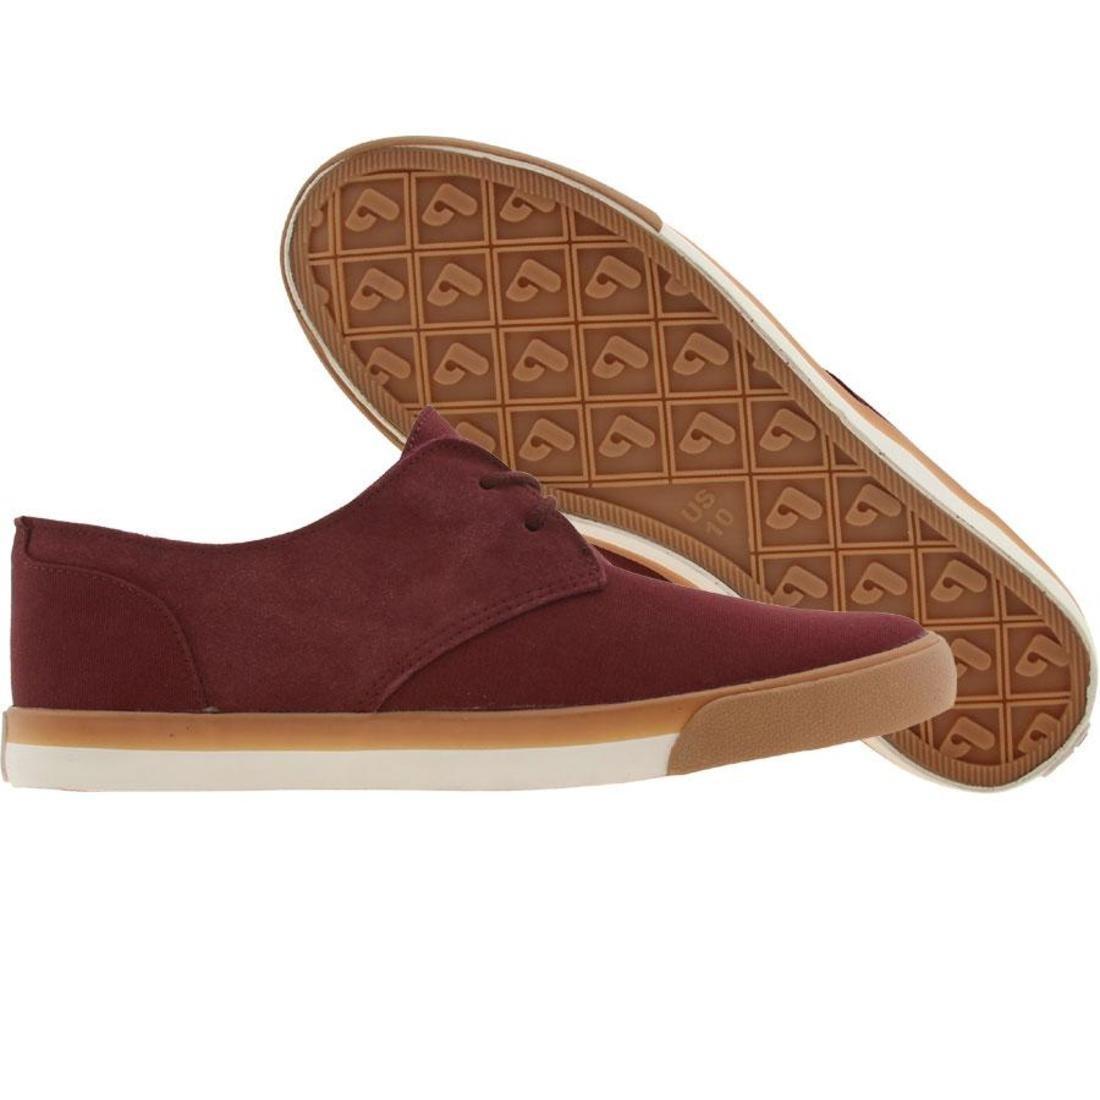 【海外限定】スニーカー メンズ靴 【 POINTER CHESTER BURGUNDY IVORY GUM 】